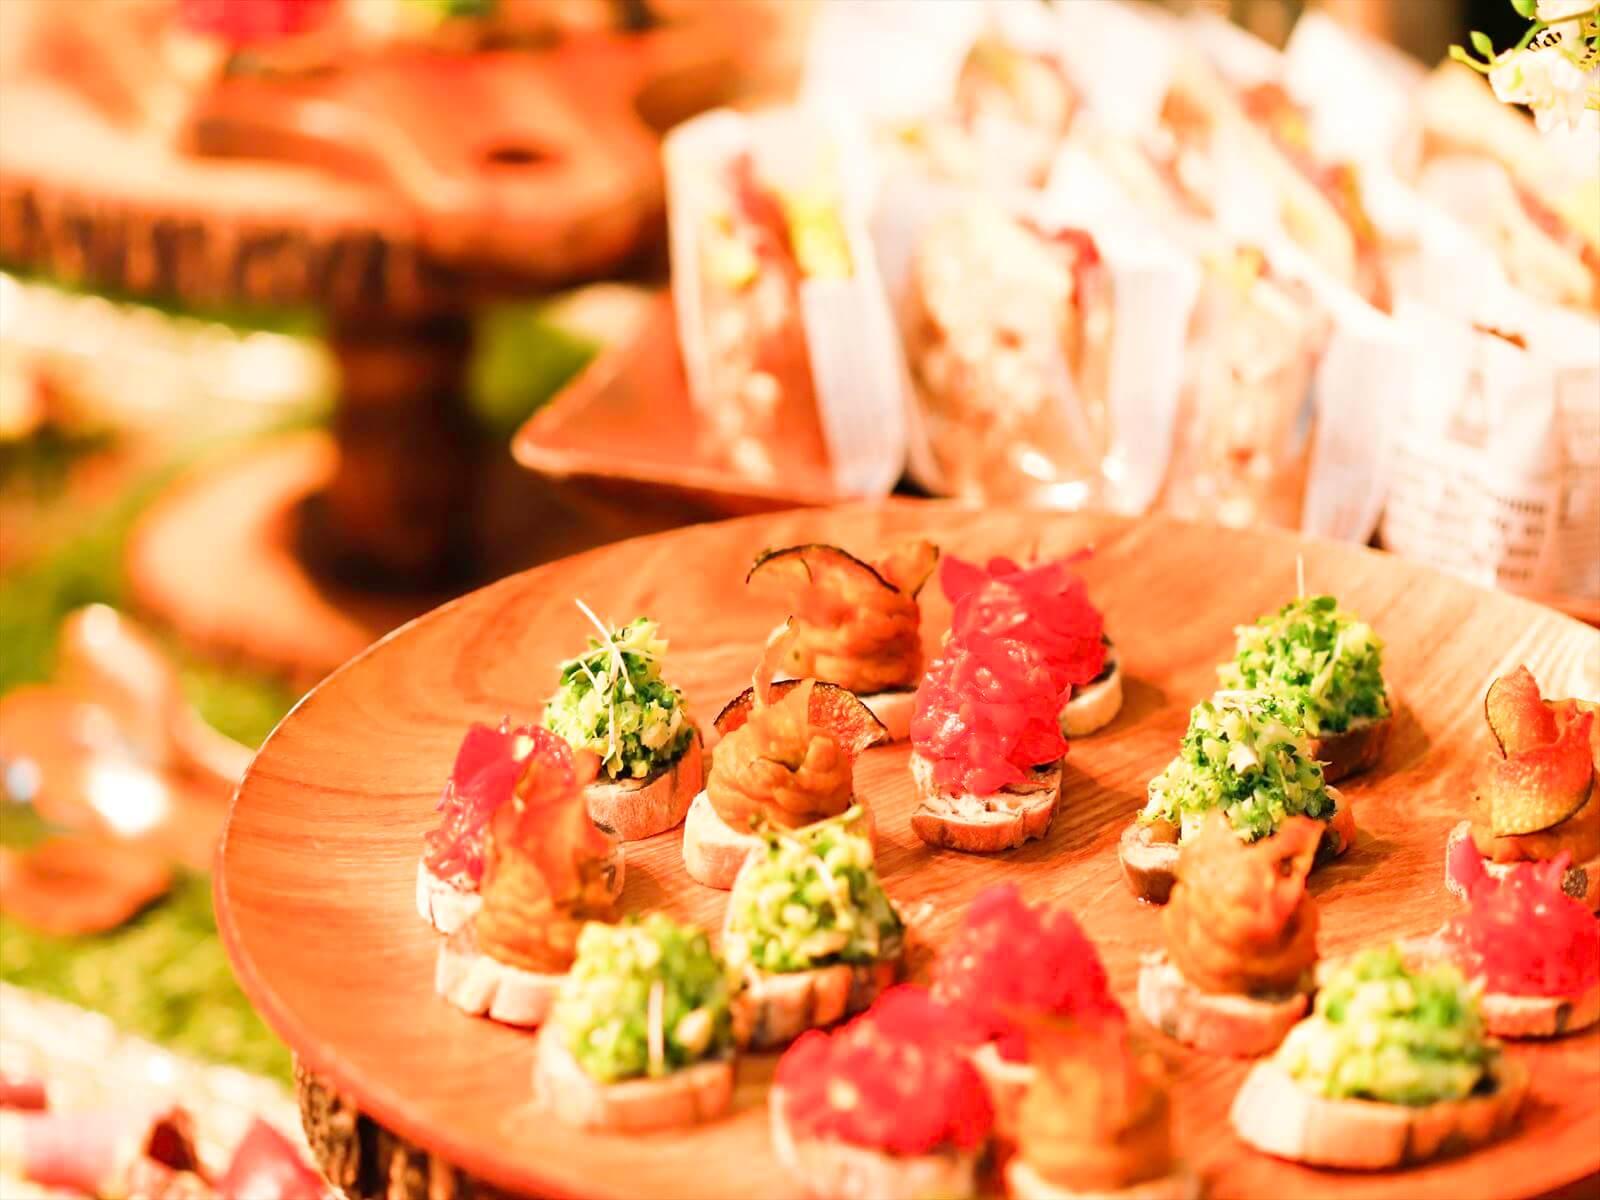 【ラグジュアリー】特製創作寿司つき!フォリクラッセの本格パーティー向け豪華ケータリングプラン画像2